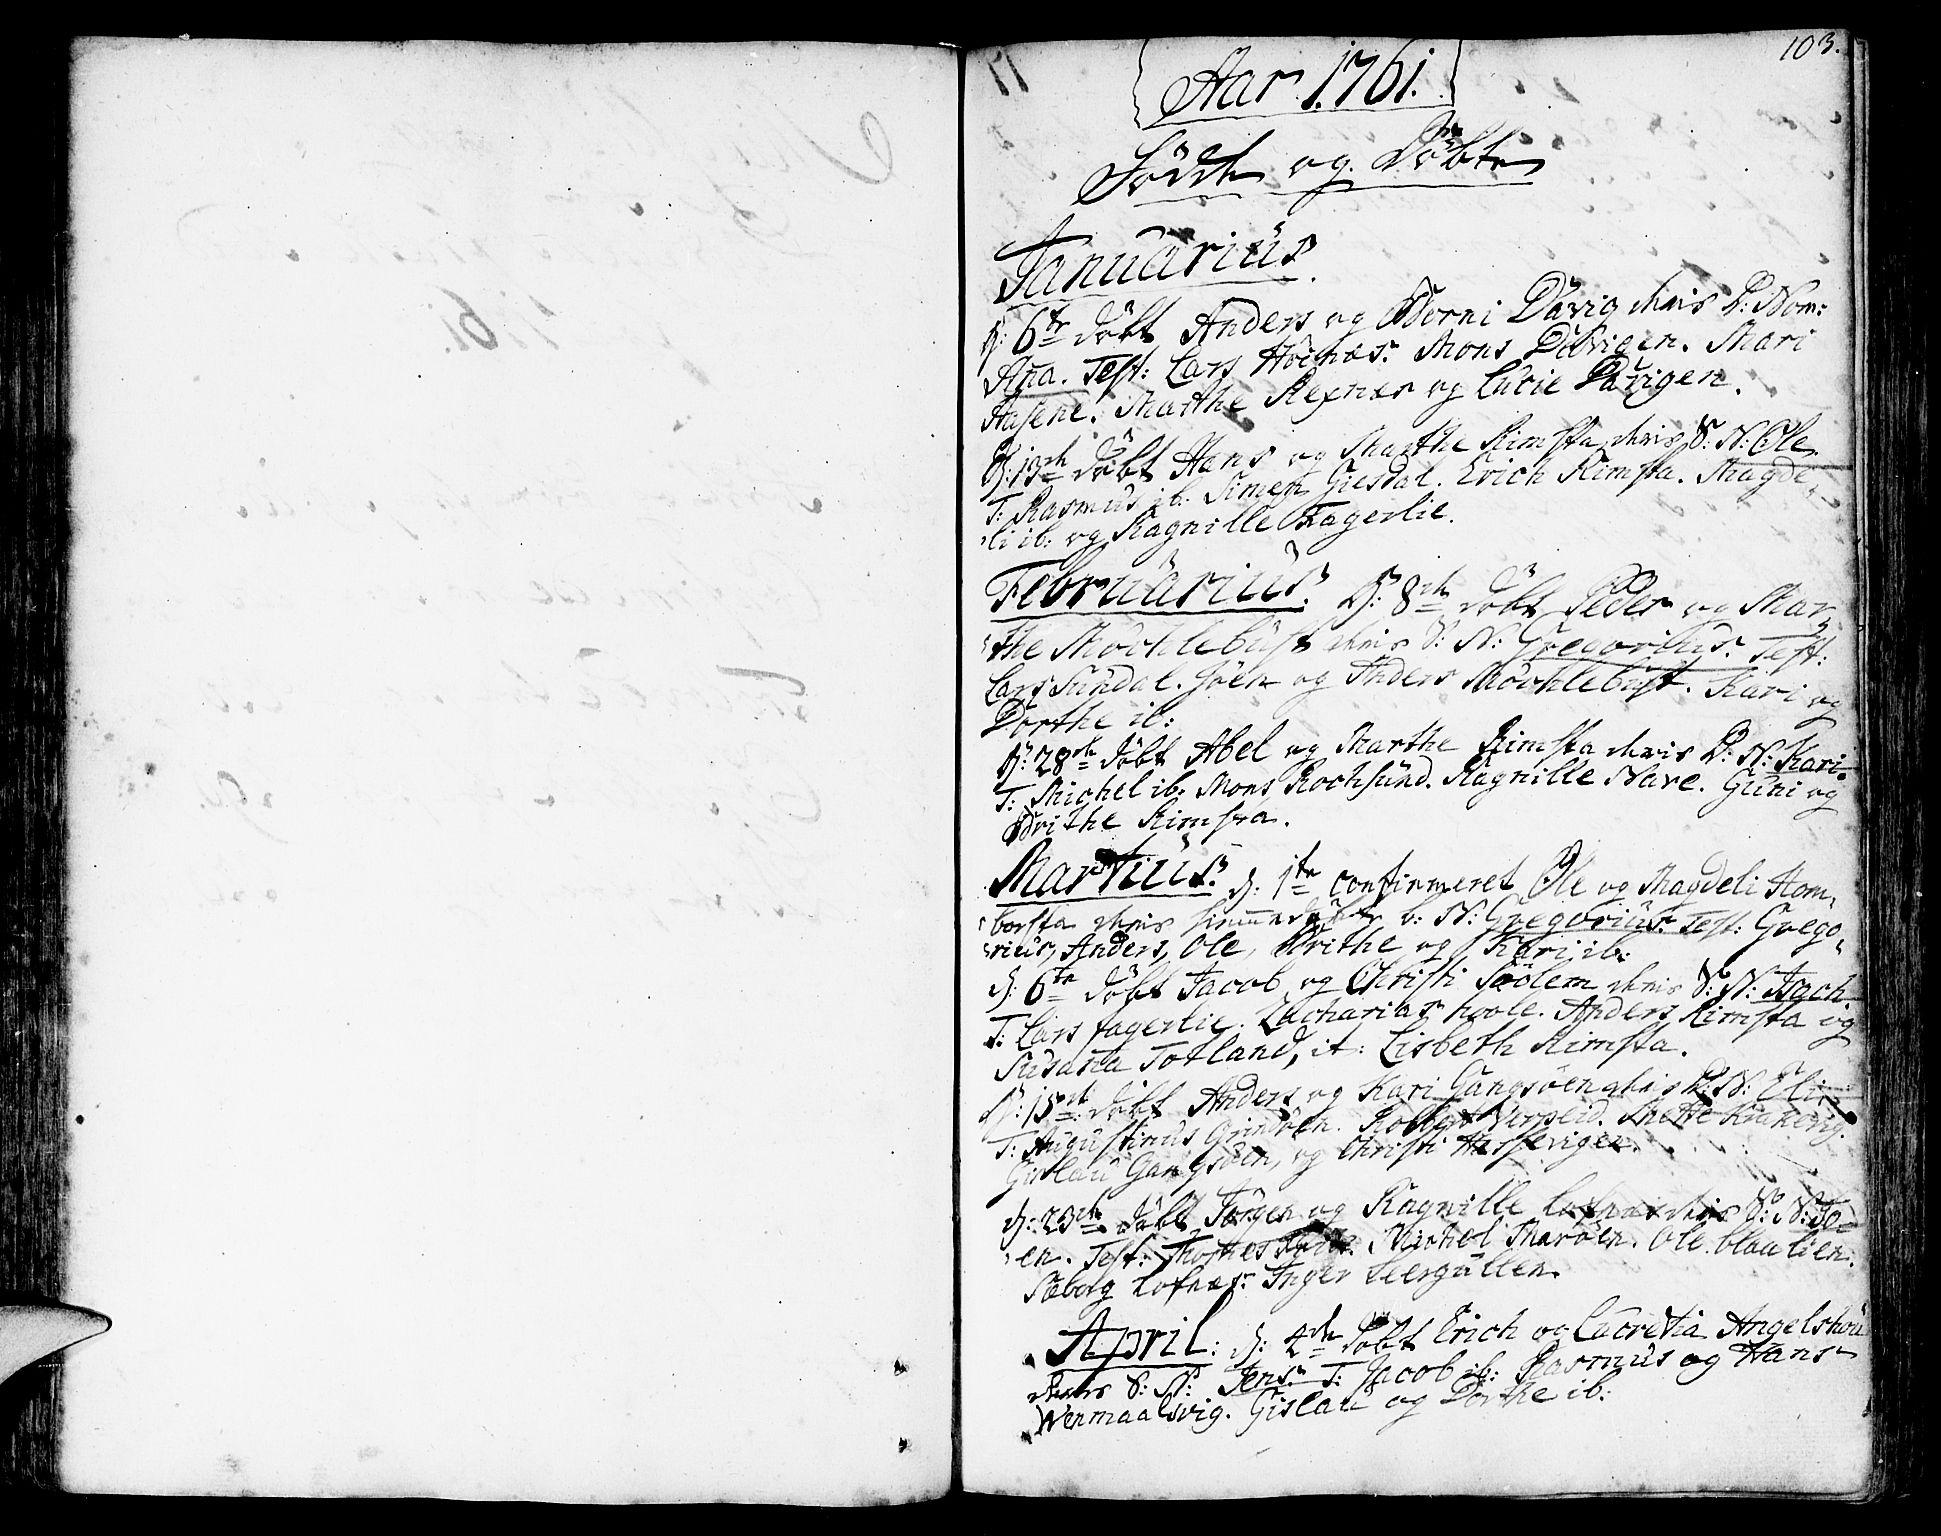 SAB, Davik Sokneprestembete, Ministerialbok nr. A 2, 1742-1816, s. 103